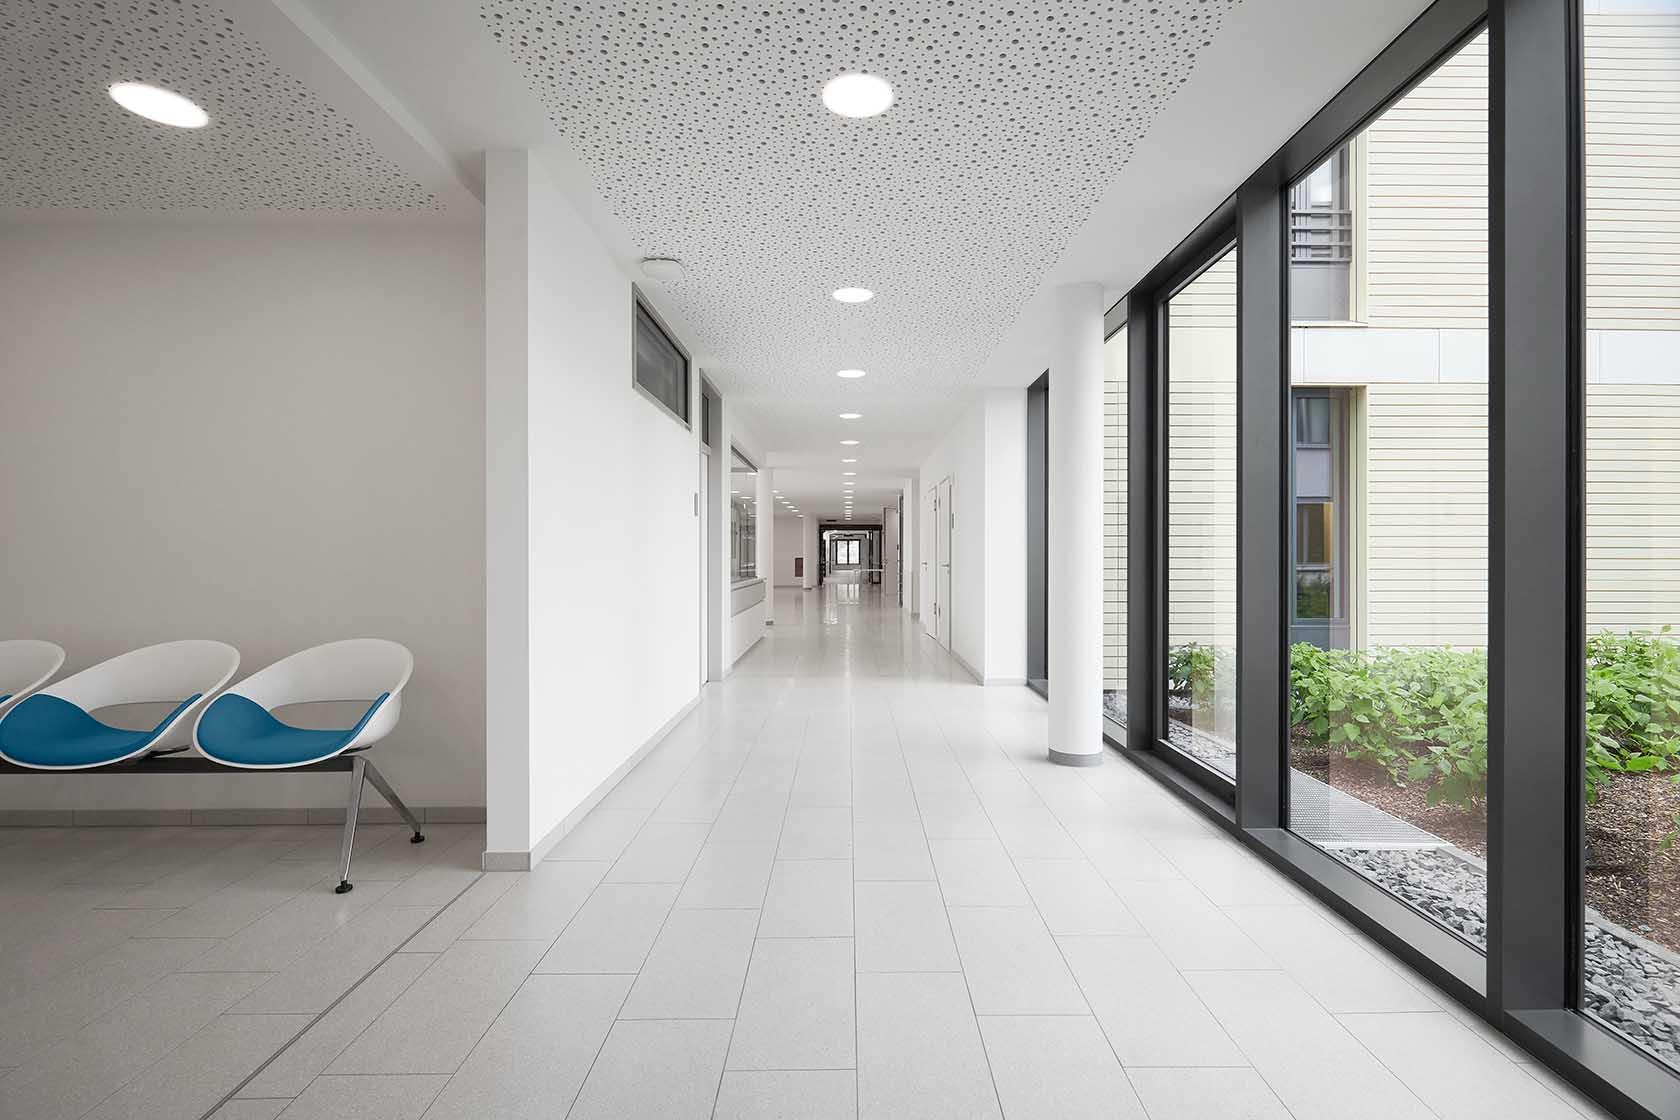 Klinik für Psychiatrie, Erfurt